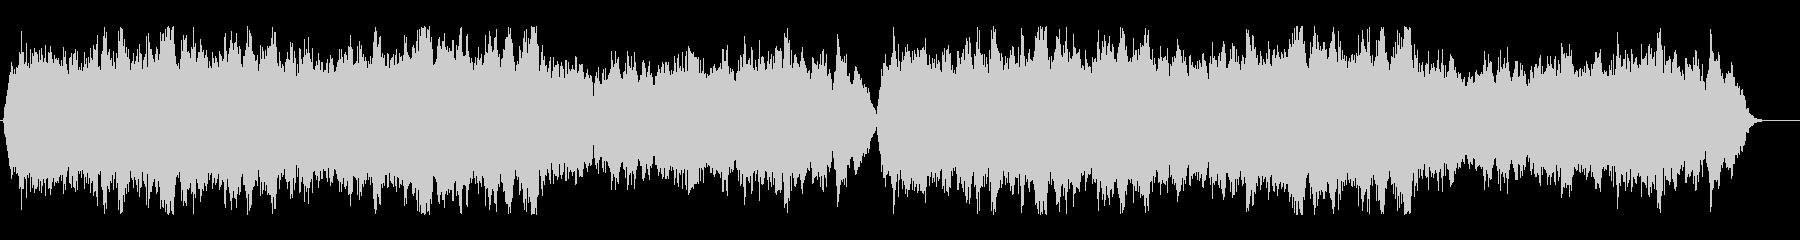 【プロ制作】ストリングス・オーケストラ曲の未再生の波形